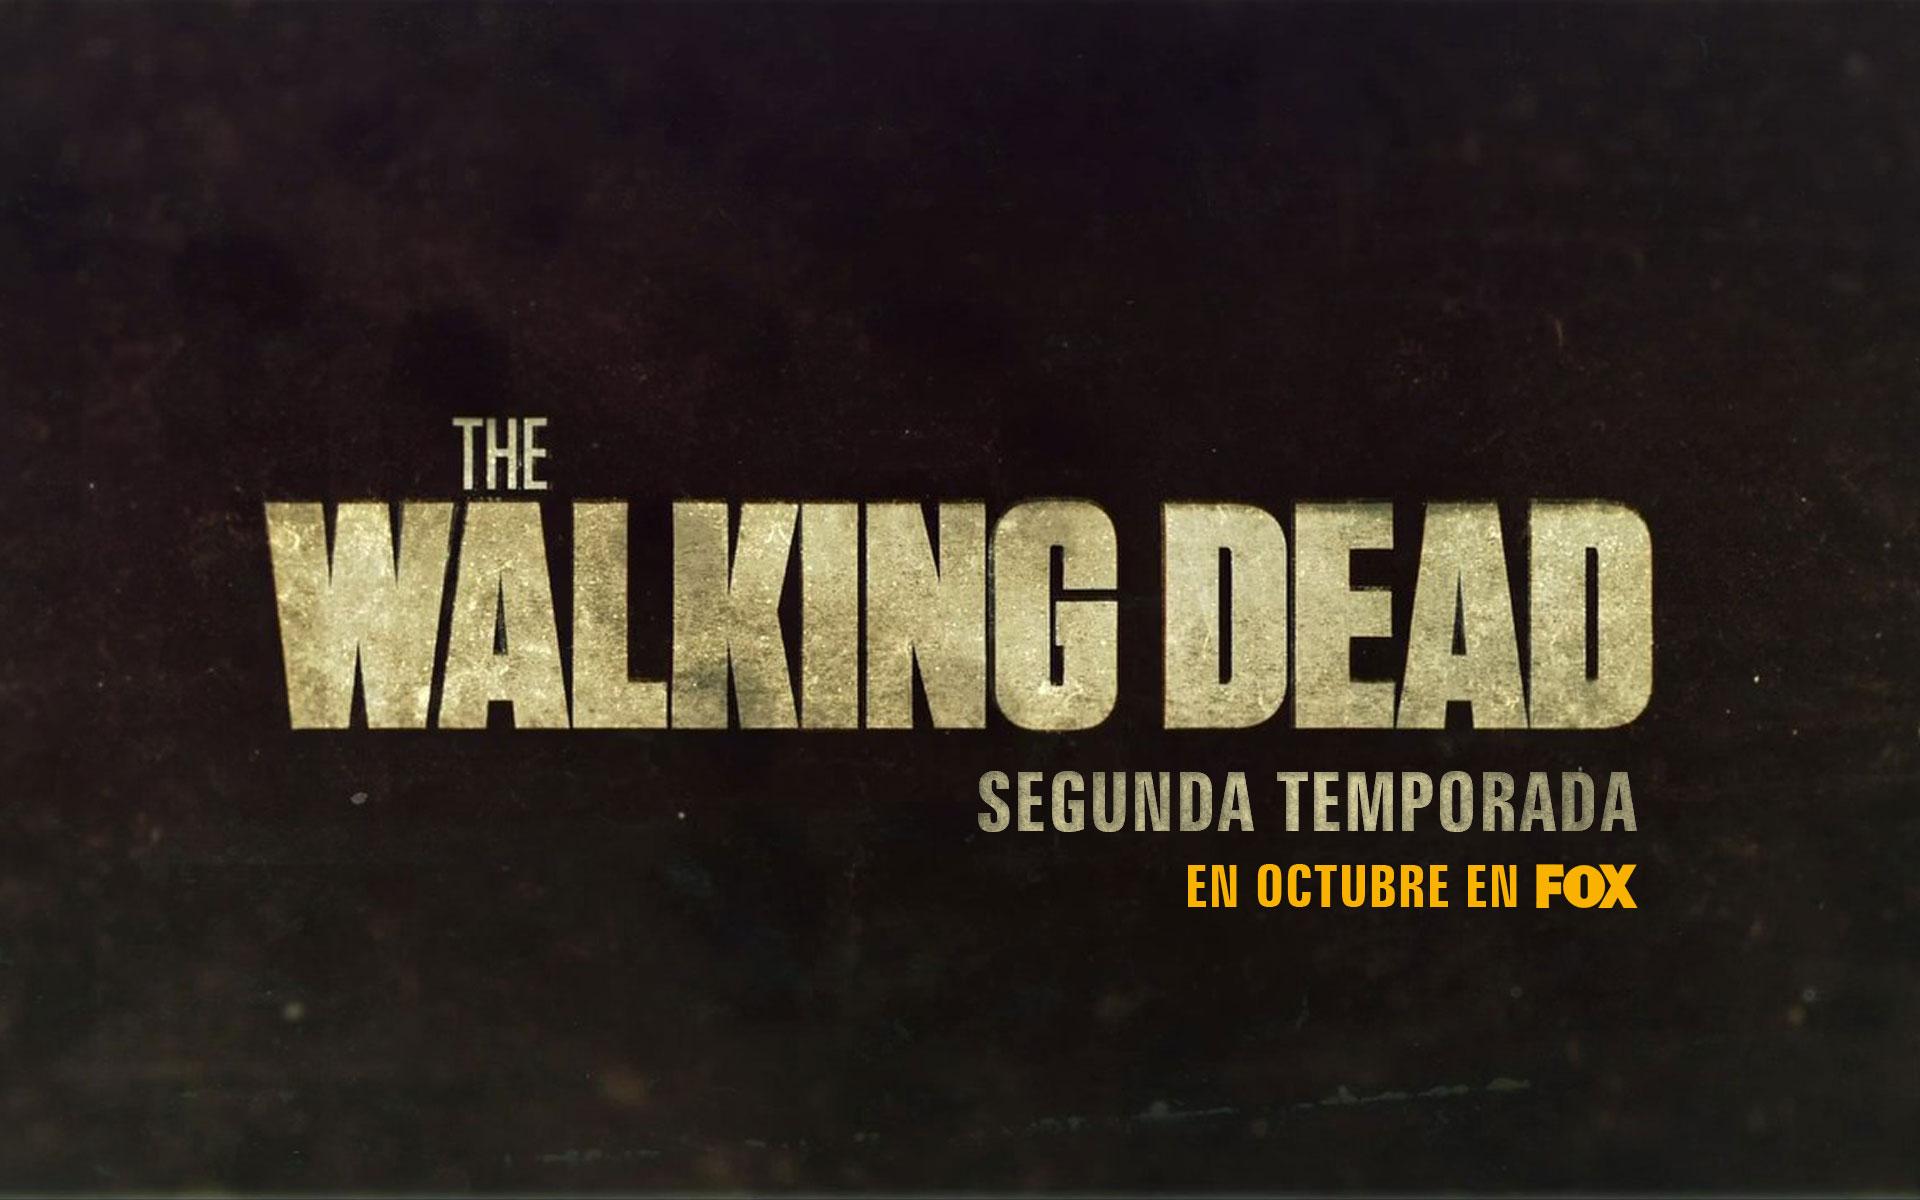 Wallpapers THE WALKING DEAD